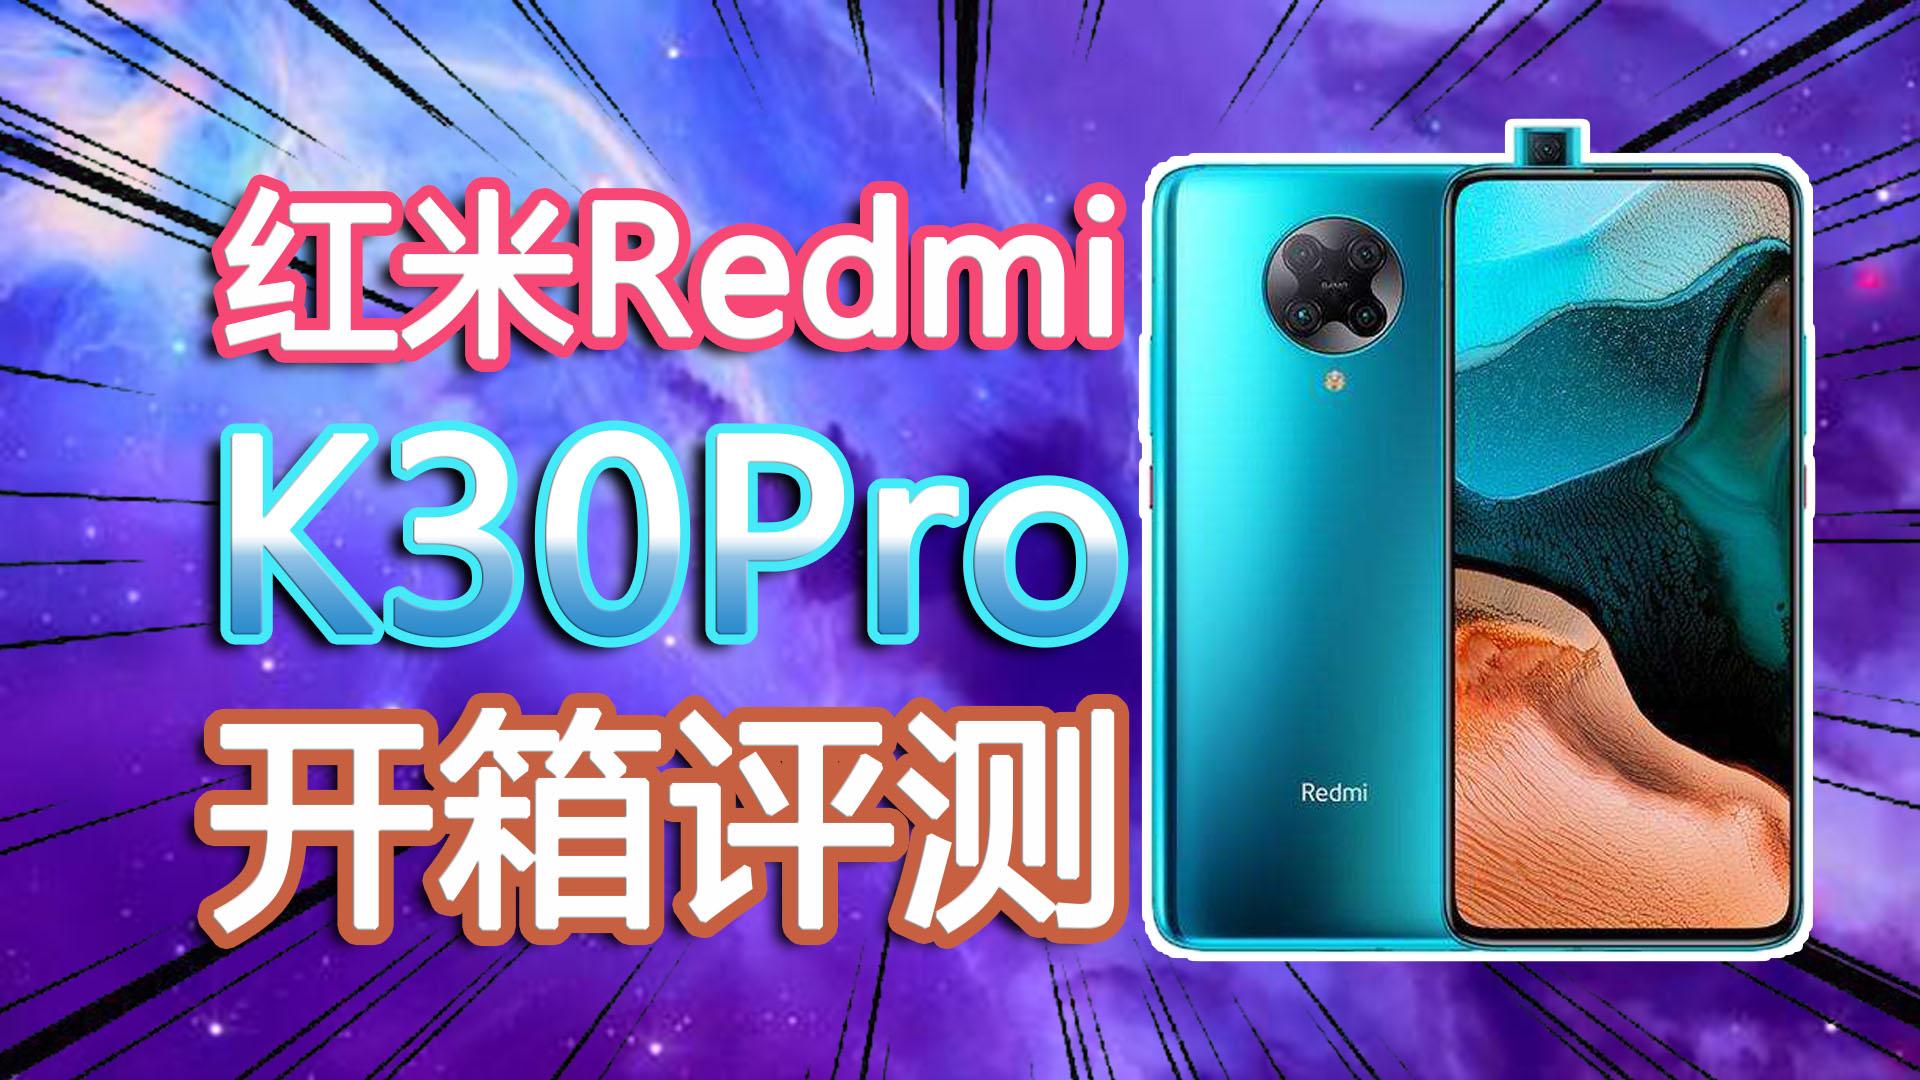 【开箱评测】Redmi K30Pro红米性价比旗舰,低刷新率骁龙865手机,真的没问题吗?